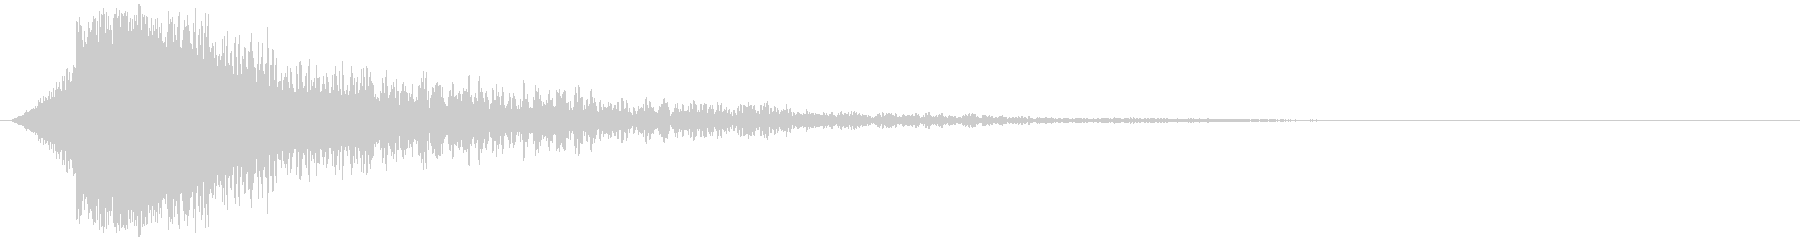 ガキーン 派手な金属音3の未再生の波形